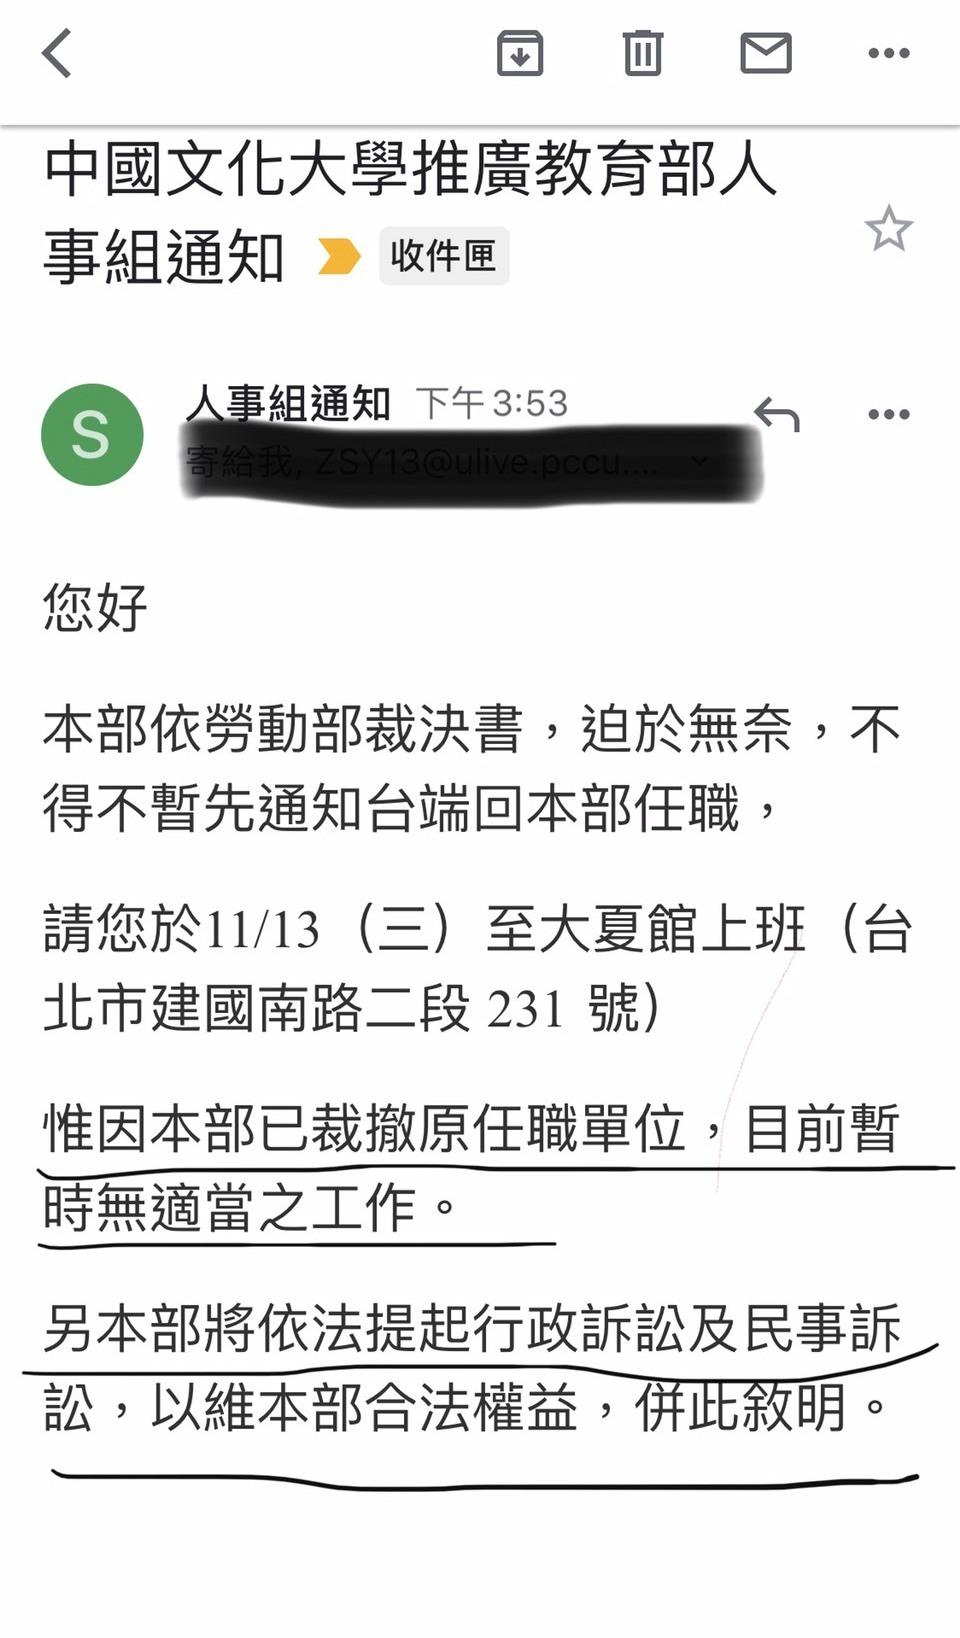 文大推廣教育部人事組寄給被解僱工會幹部的信。圖/翟敬宜提供